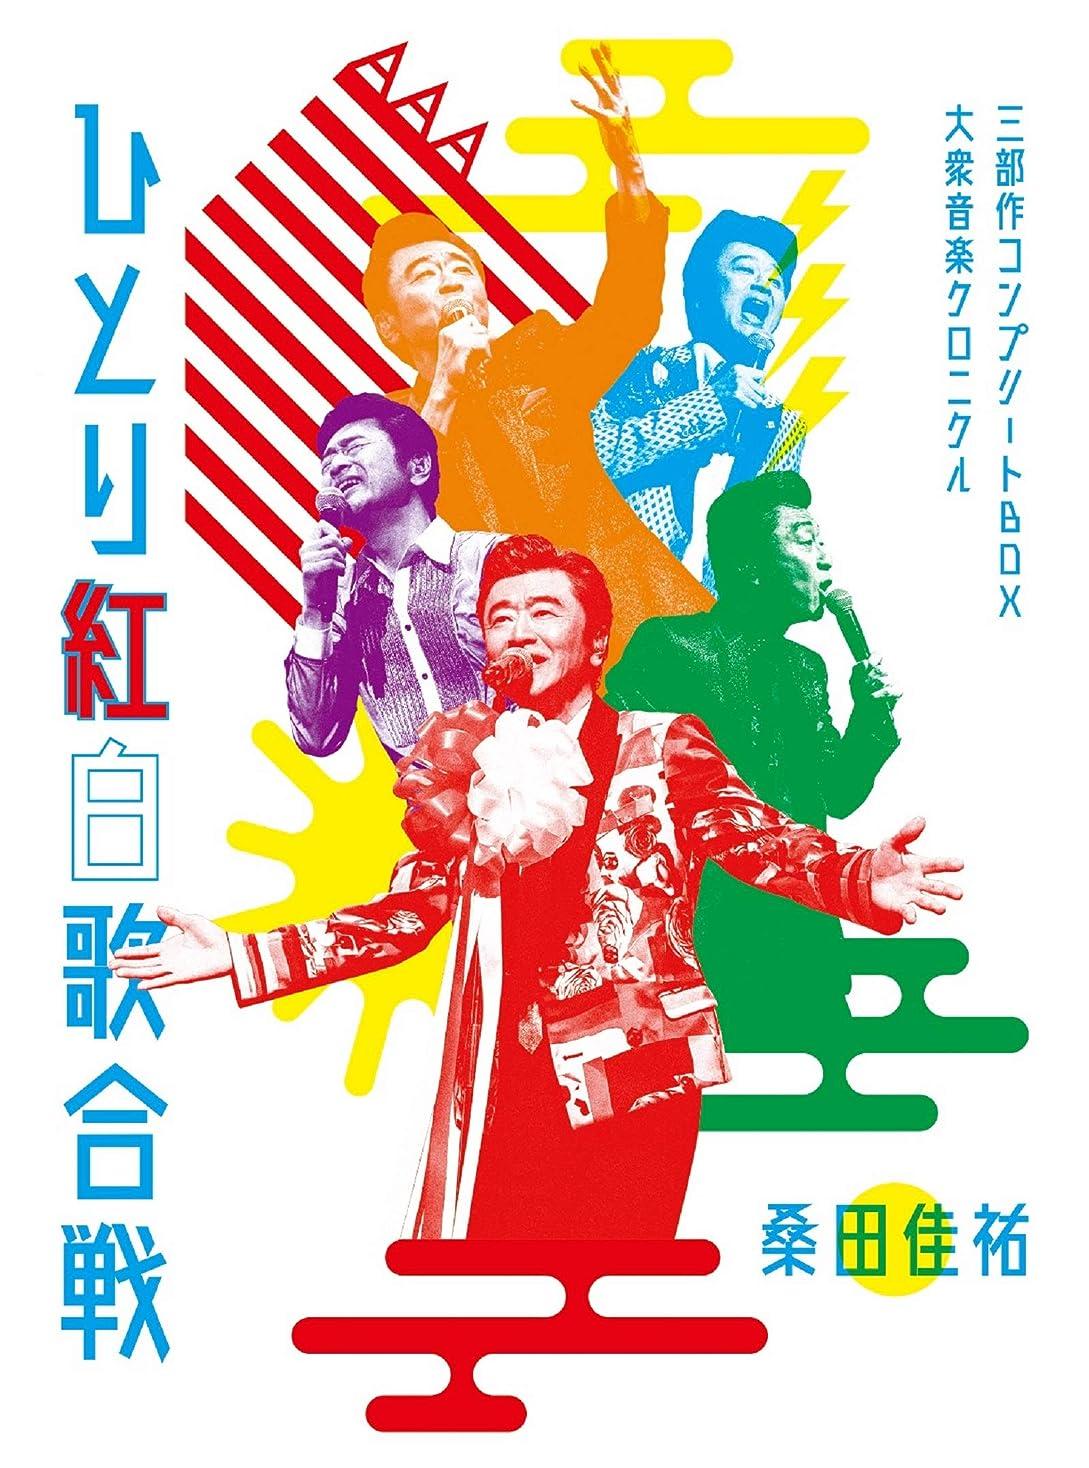 舌な達成ラフ睡眠Da-iCE 5th Anniversary Tour-BET-[Blu-ray]